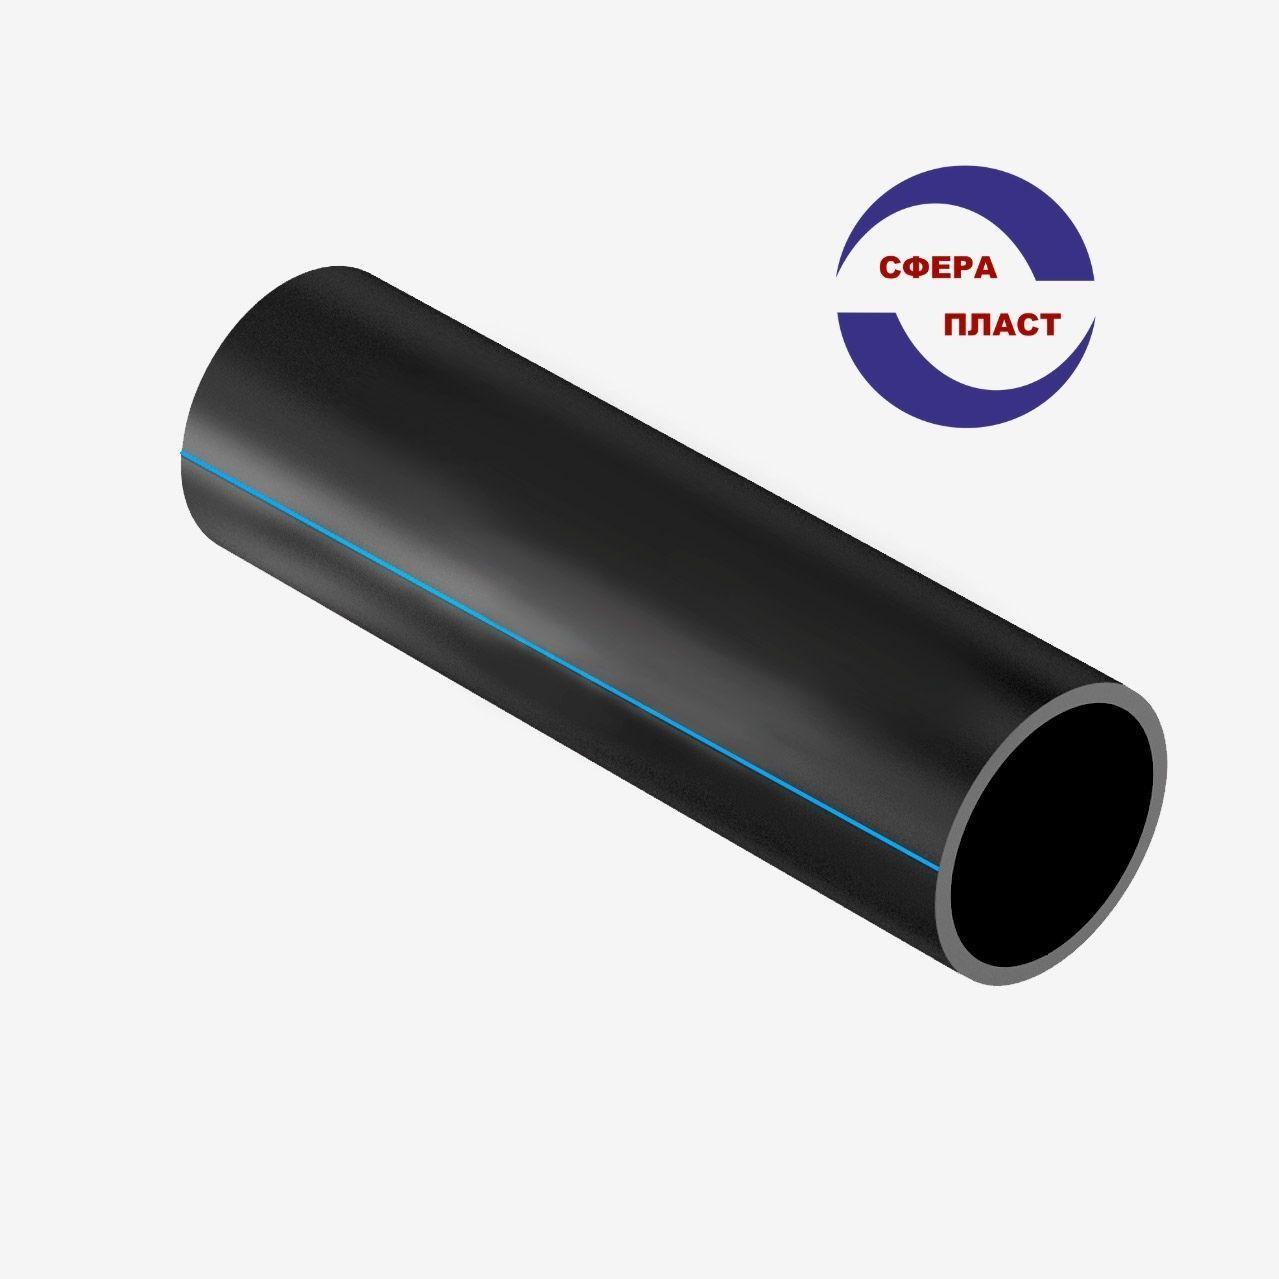 Труба Ду-315x18,7 SDR17 (10 атм) полиэтиленовая ПЭ-100